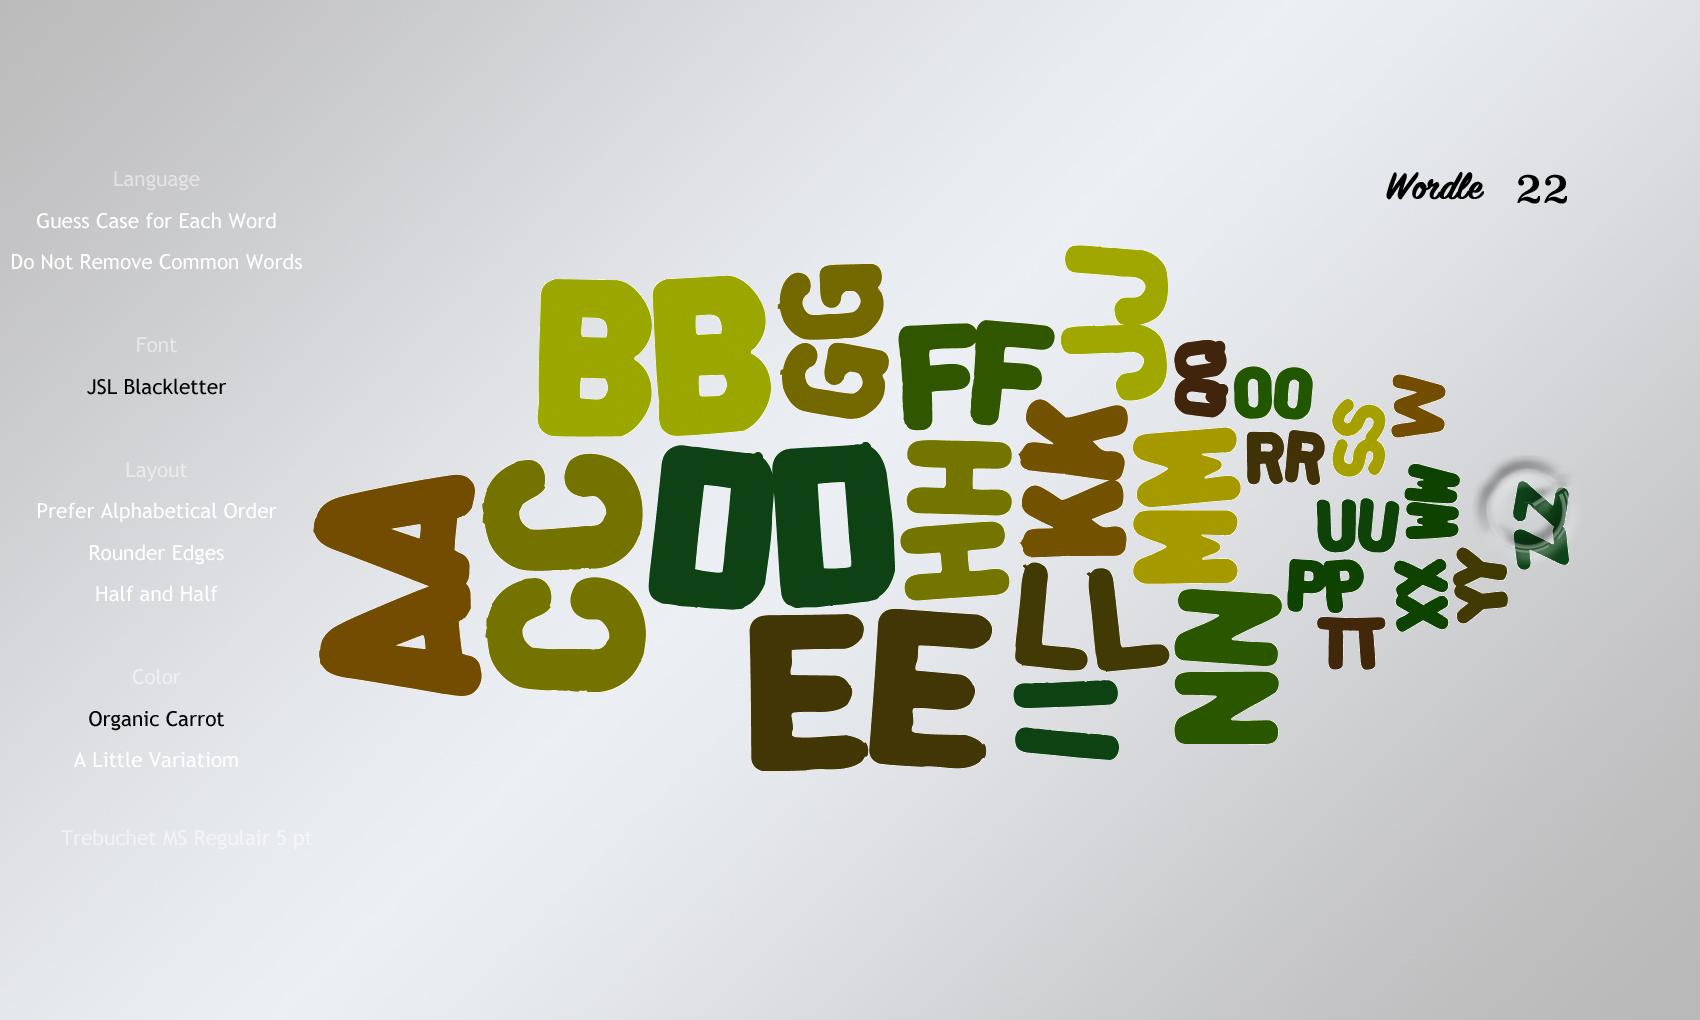 Wordle 22 JSL Blackletter